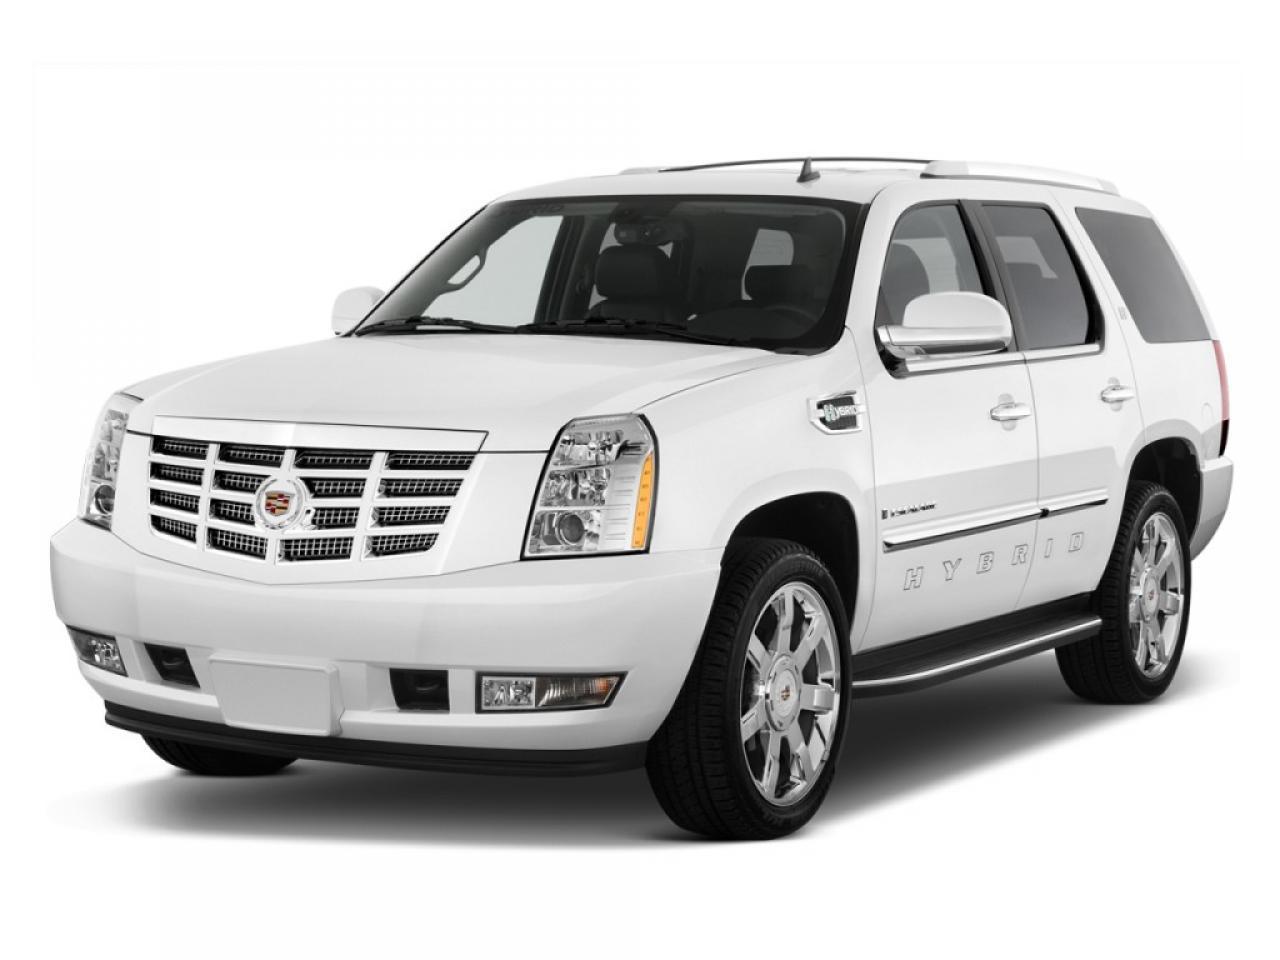 2012 Cadillac Escalade Hybrid Information And Photos